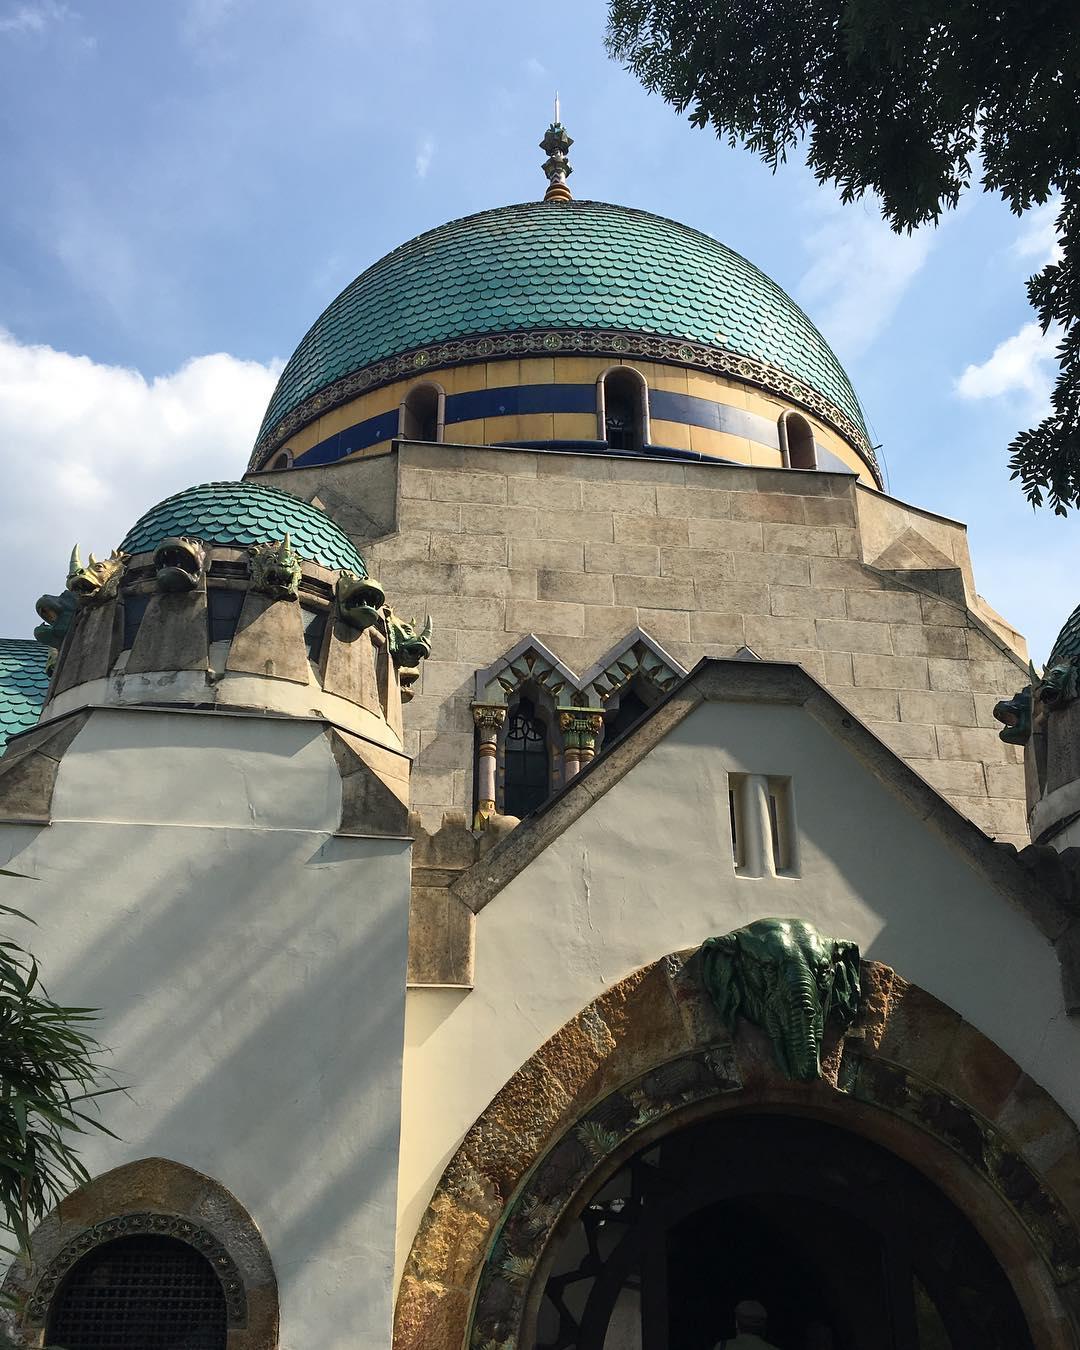 Budapest Art Nouveau private tour - exclusive visit